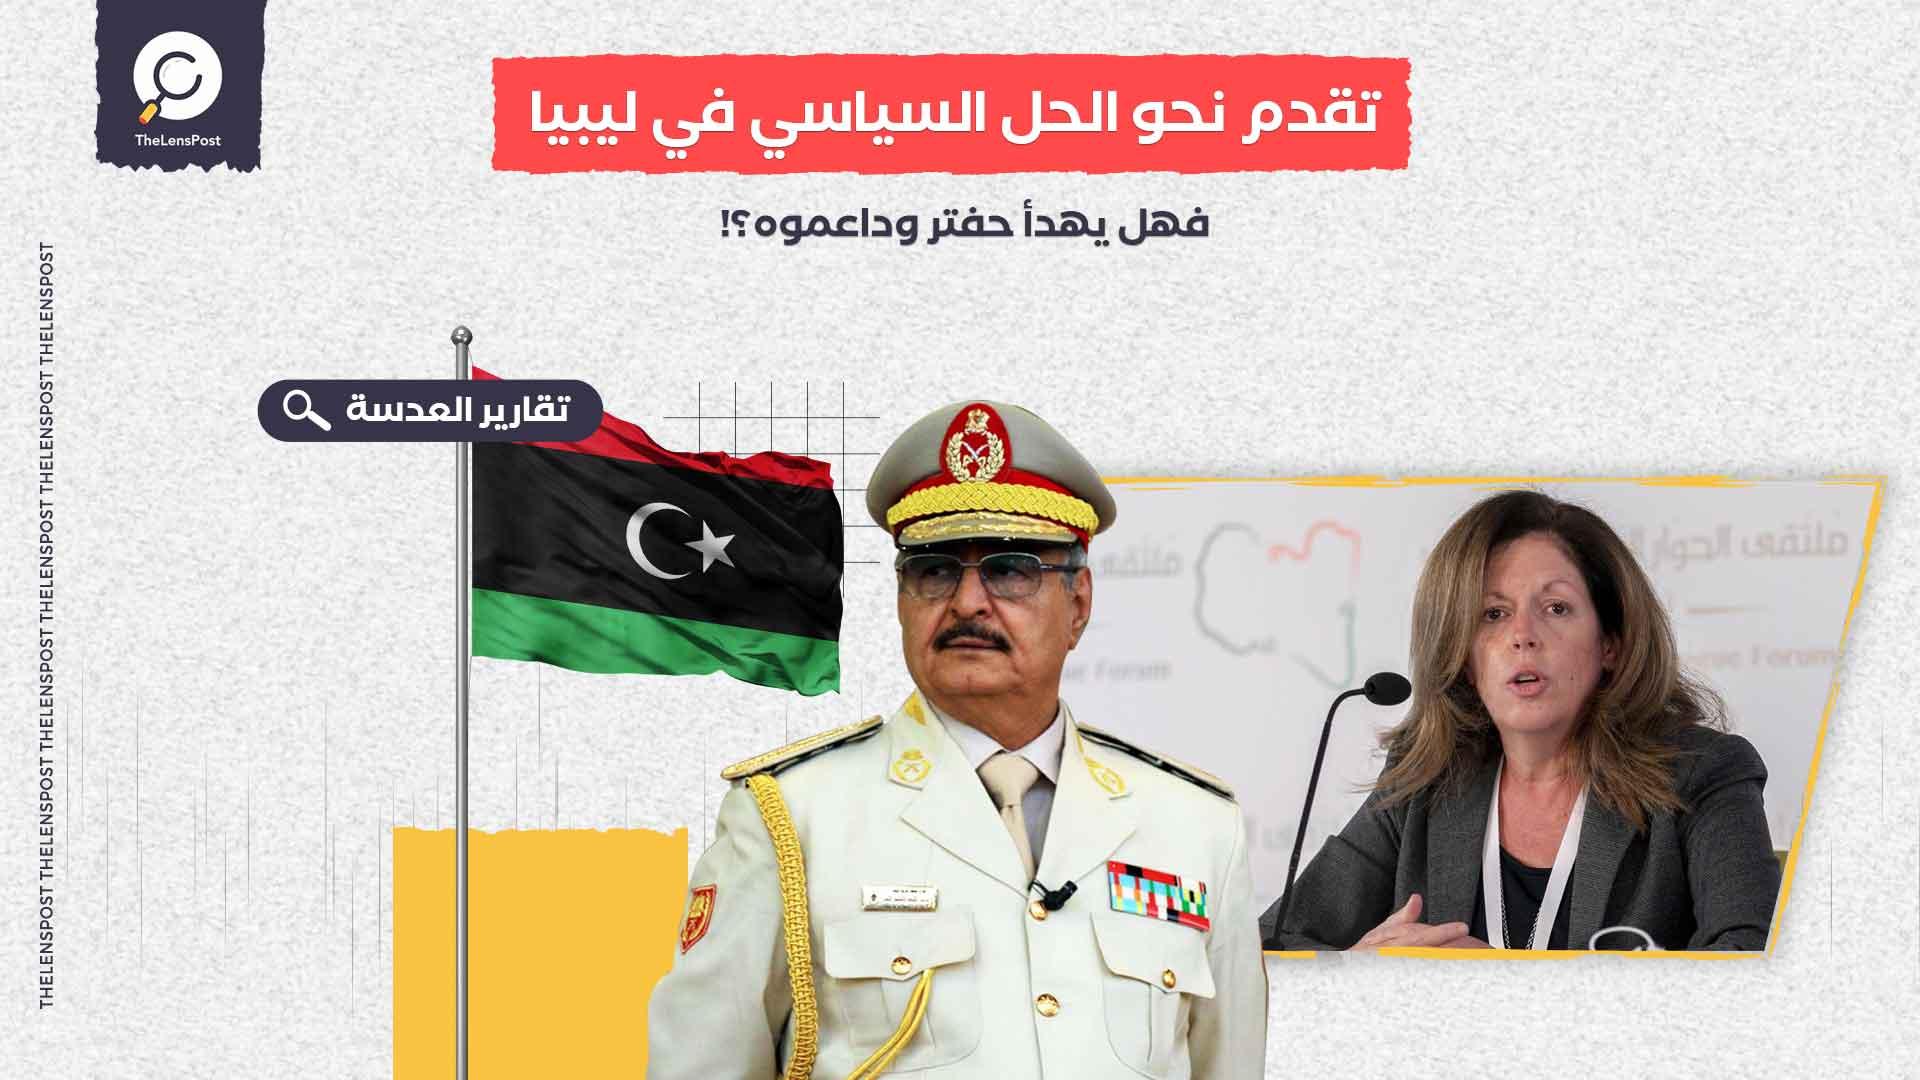 تقدم نحو الحل السياسي في ليبيا… فهل يهدأ حفتر وداعموه؟!